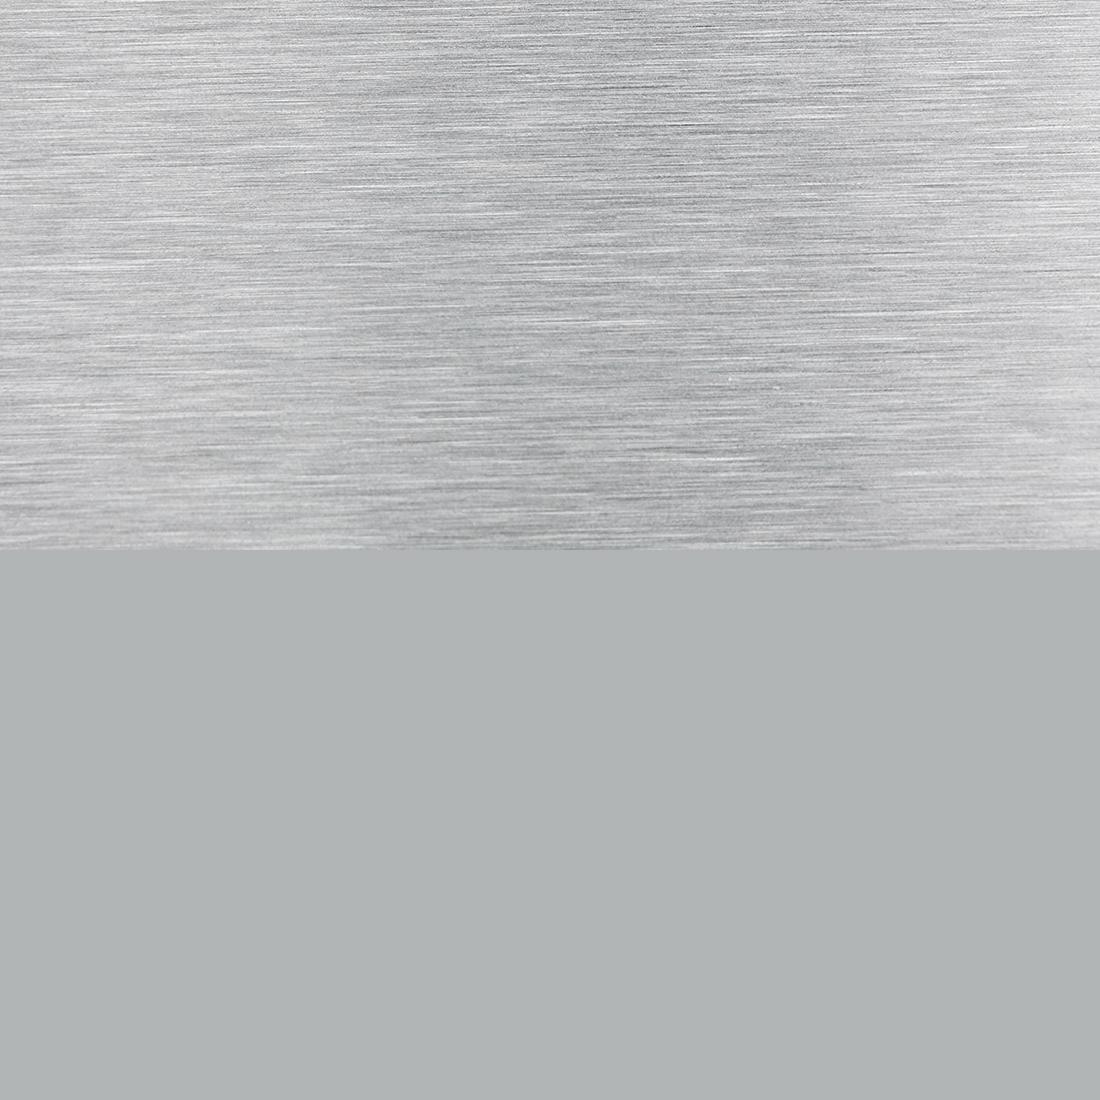 Splash Grey/Brushed Aluminium 4 x 3100 x 1550mm